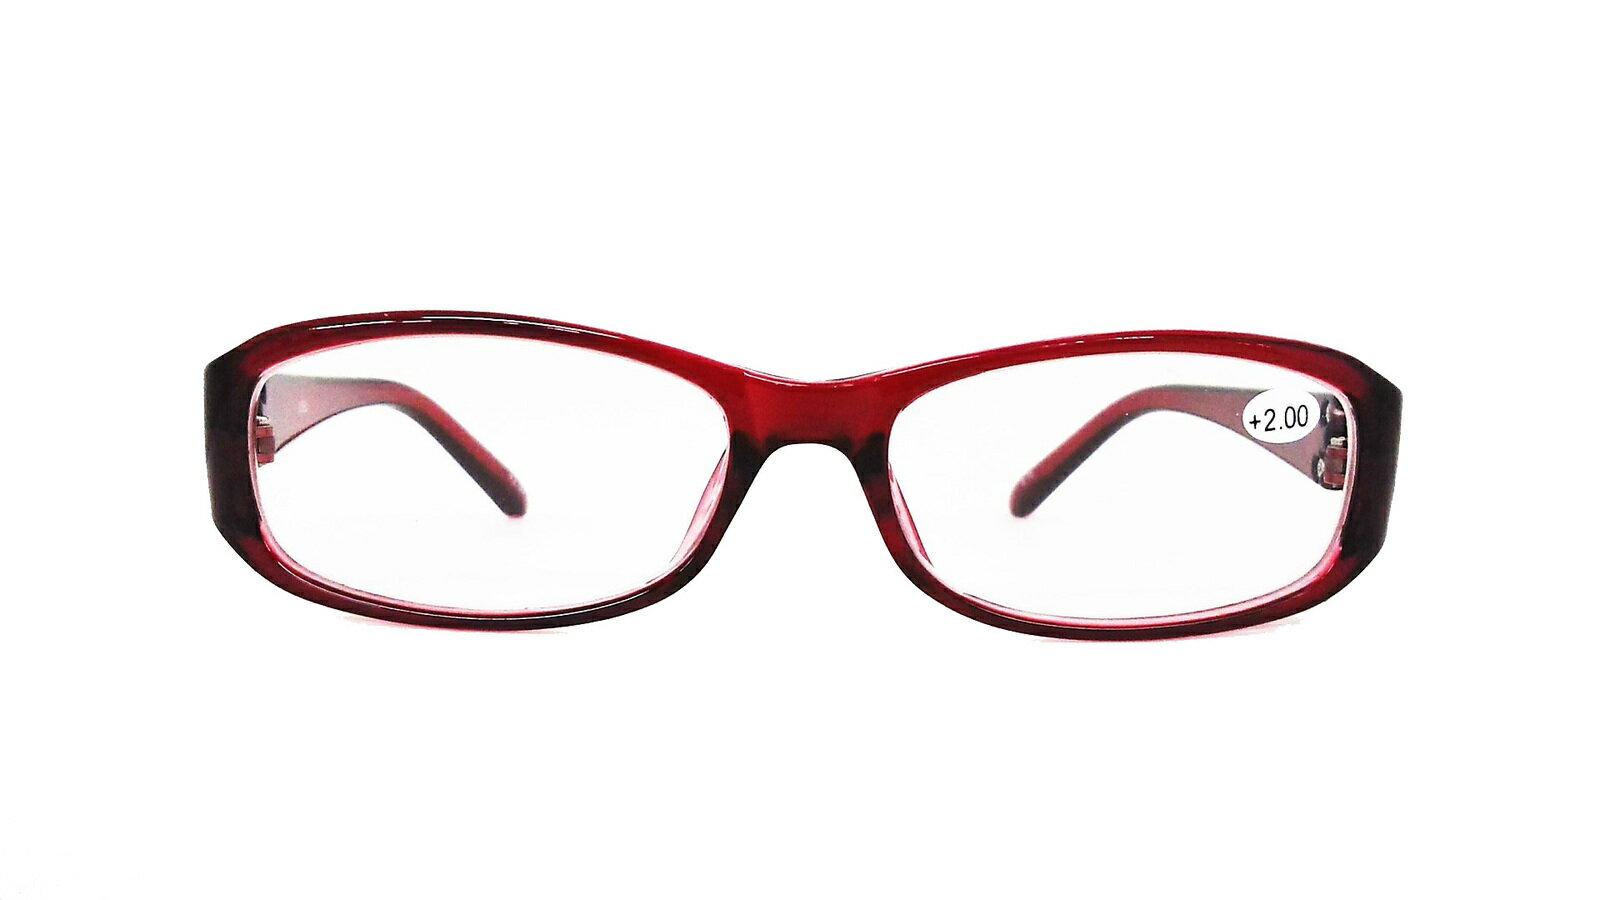 老眼鏡 シニアグラス リーディンググラス 薔薇 ローズ モチーフ  ワンポイント レッド  レディース  おしゃれ 上品 606BU 全国(定形外郵便)